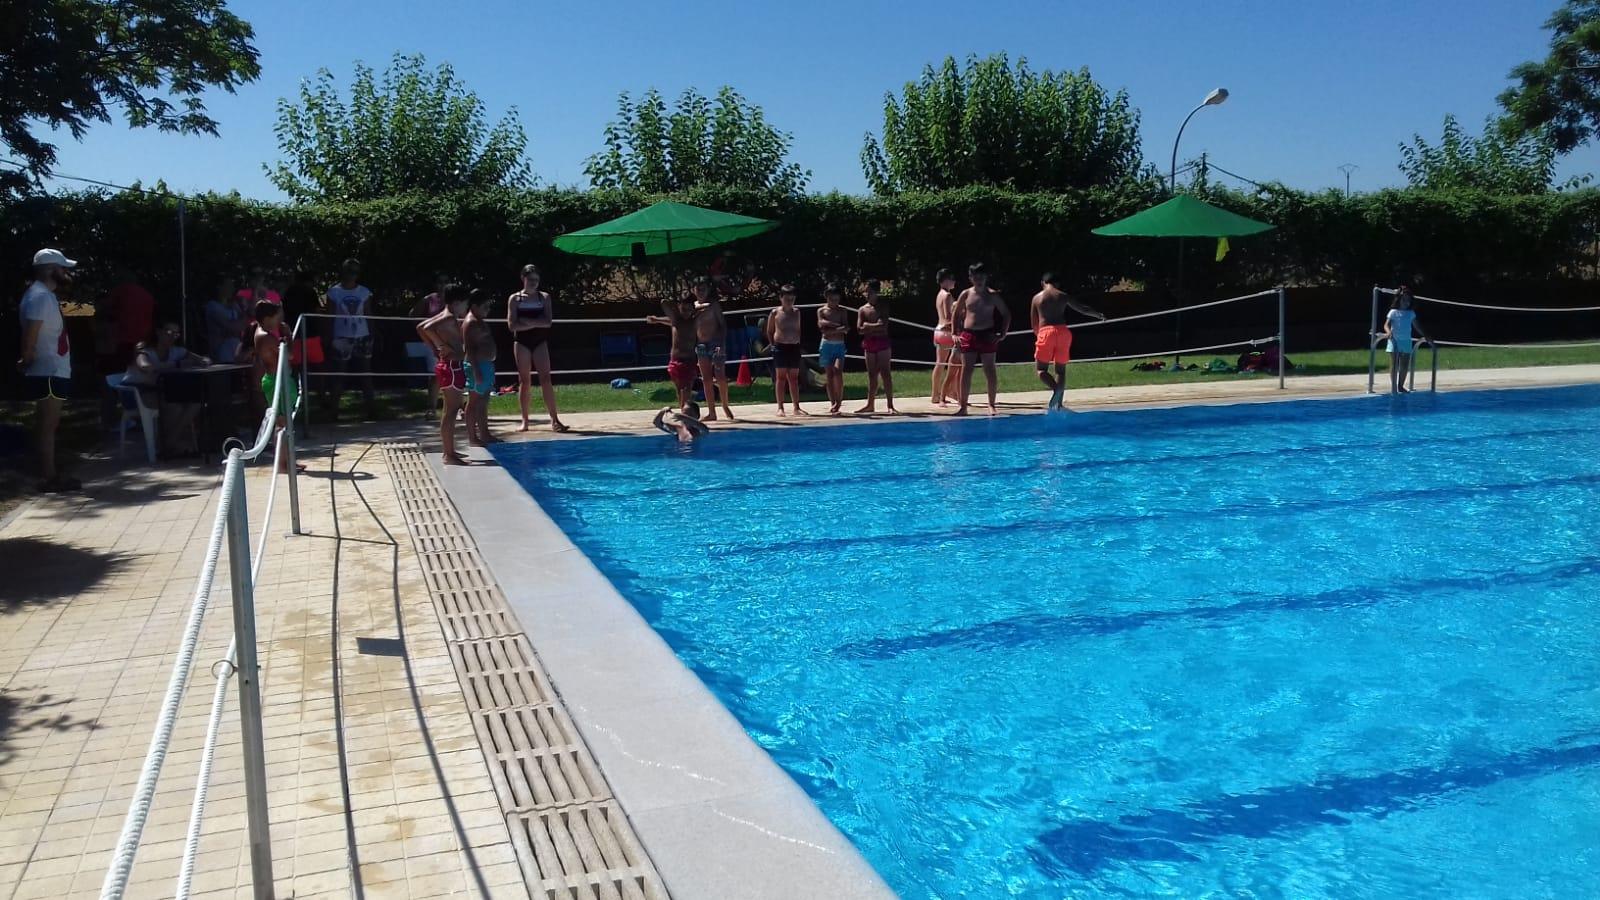 CampoLugar_OlimpiadasDeportivas_31julio_00002